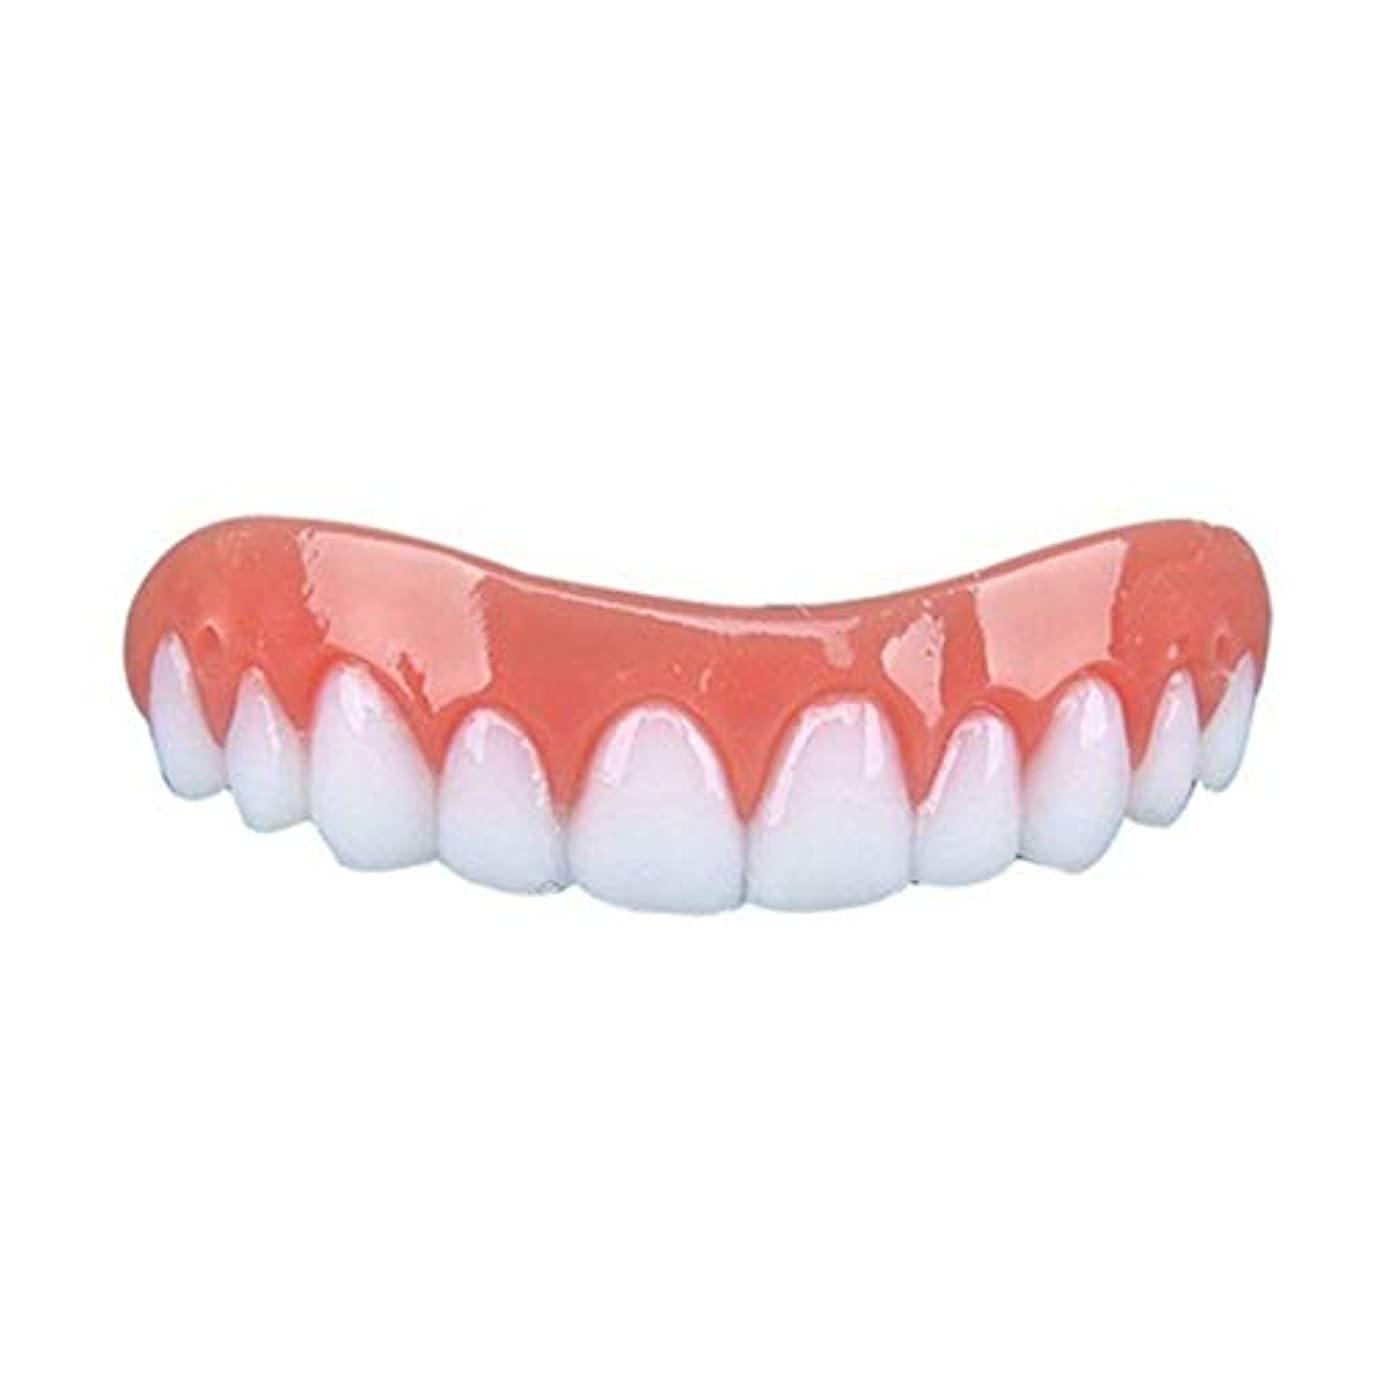 現像驚かす脅威Bartram 歯カバー シリコン義歯ペースト 上歯 笑顔を保つ 歯保護 美容用 入れ歯 矯正義歯